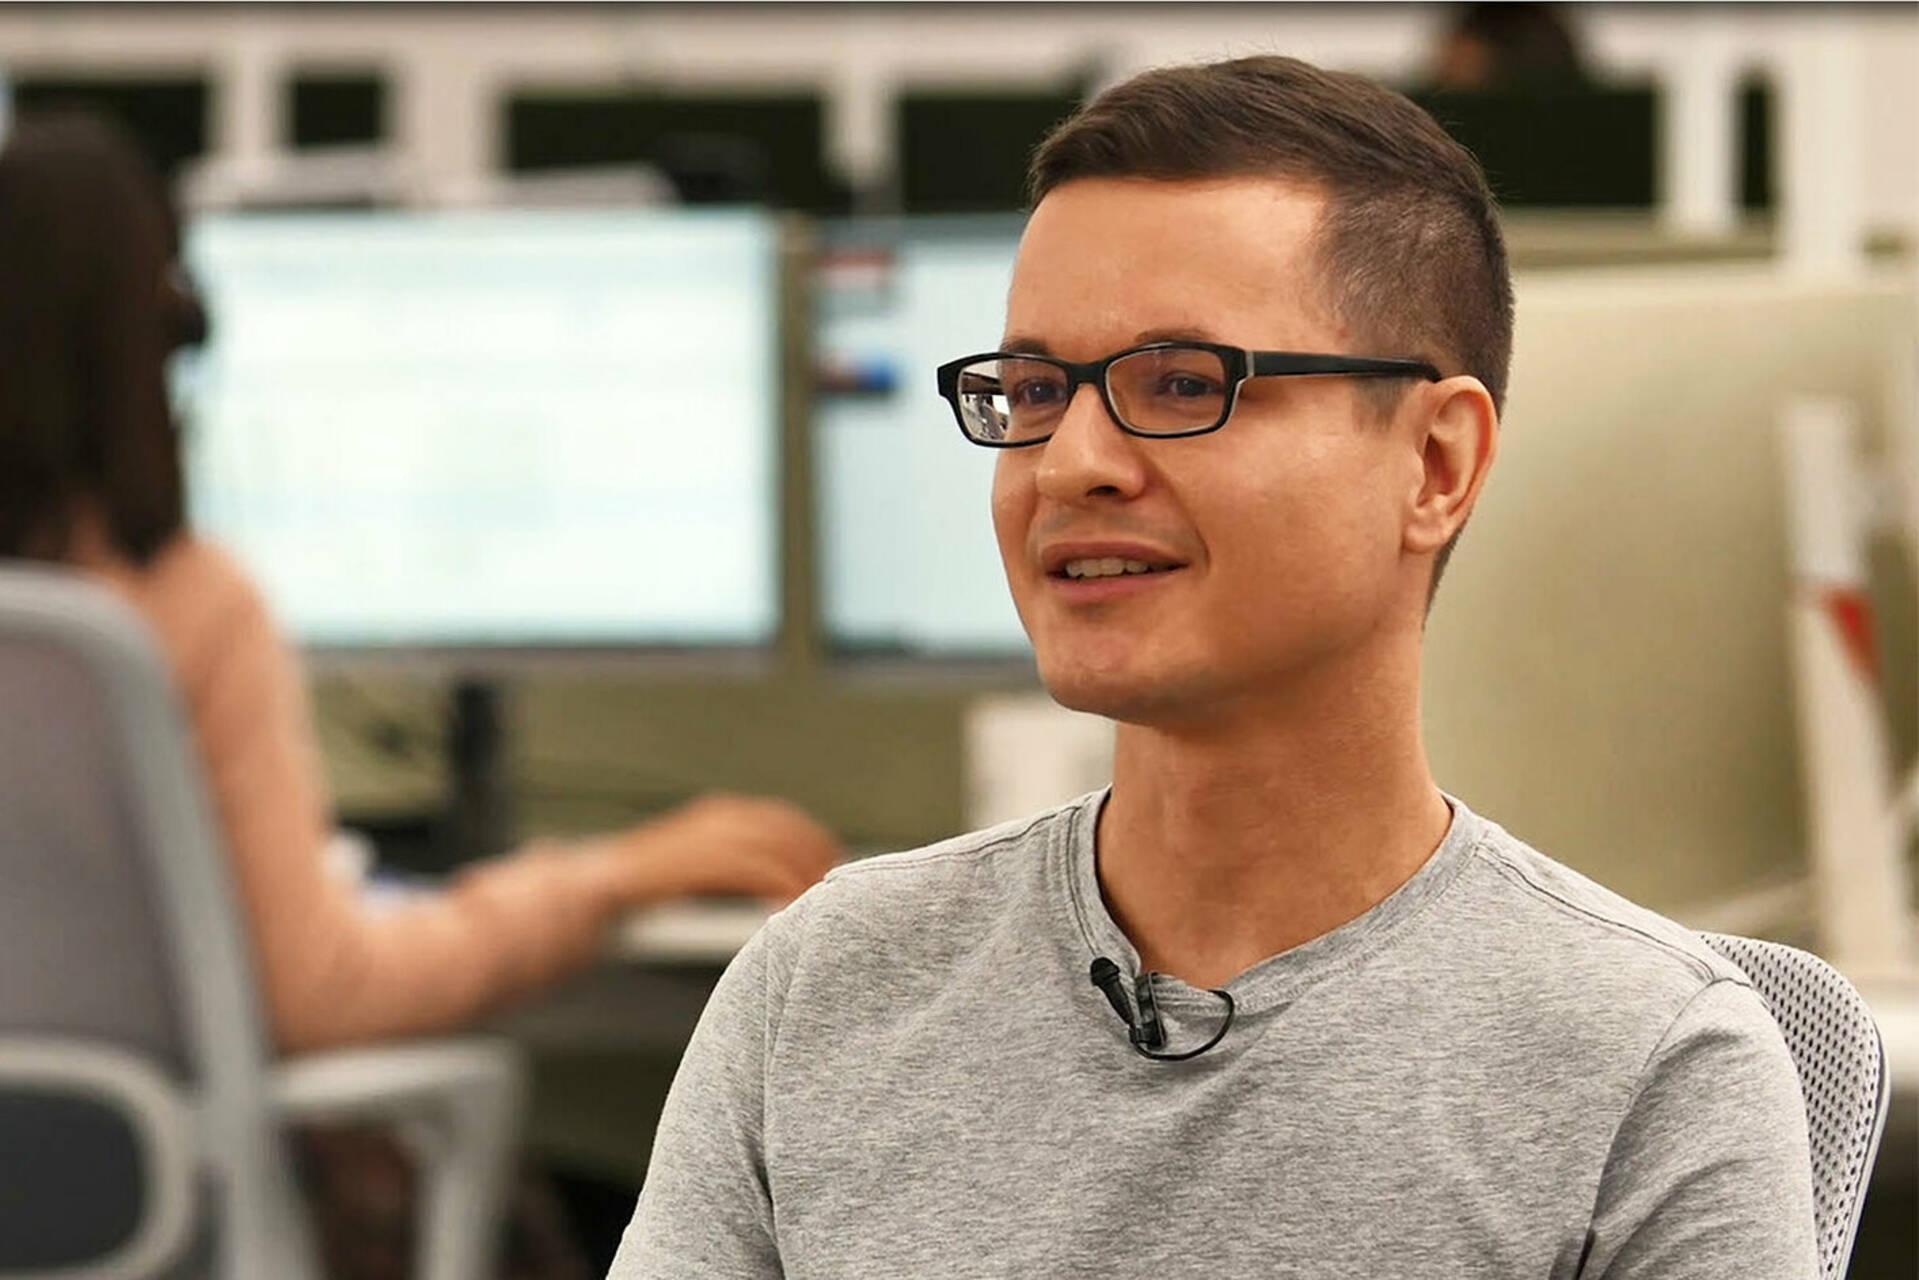 Gestalte Kundenservice Der Sich Gut Anfuhlt Otto Jobs